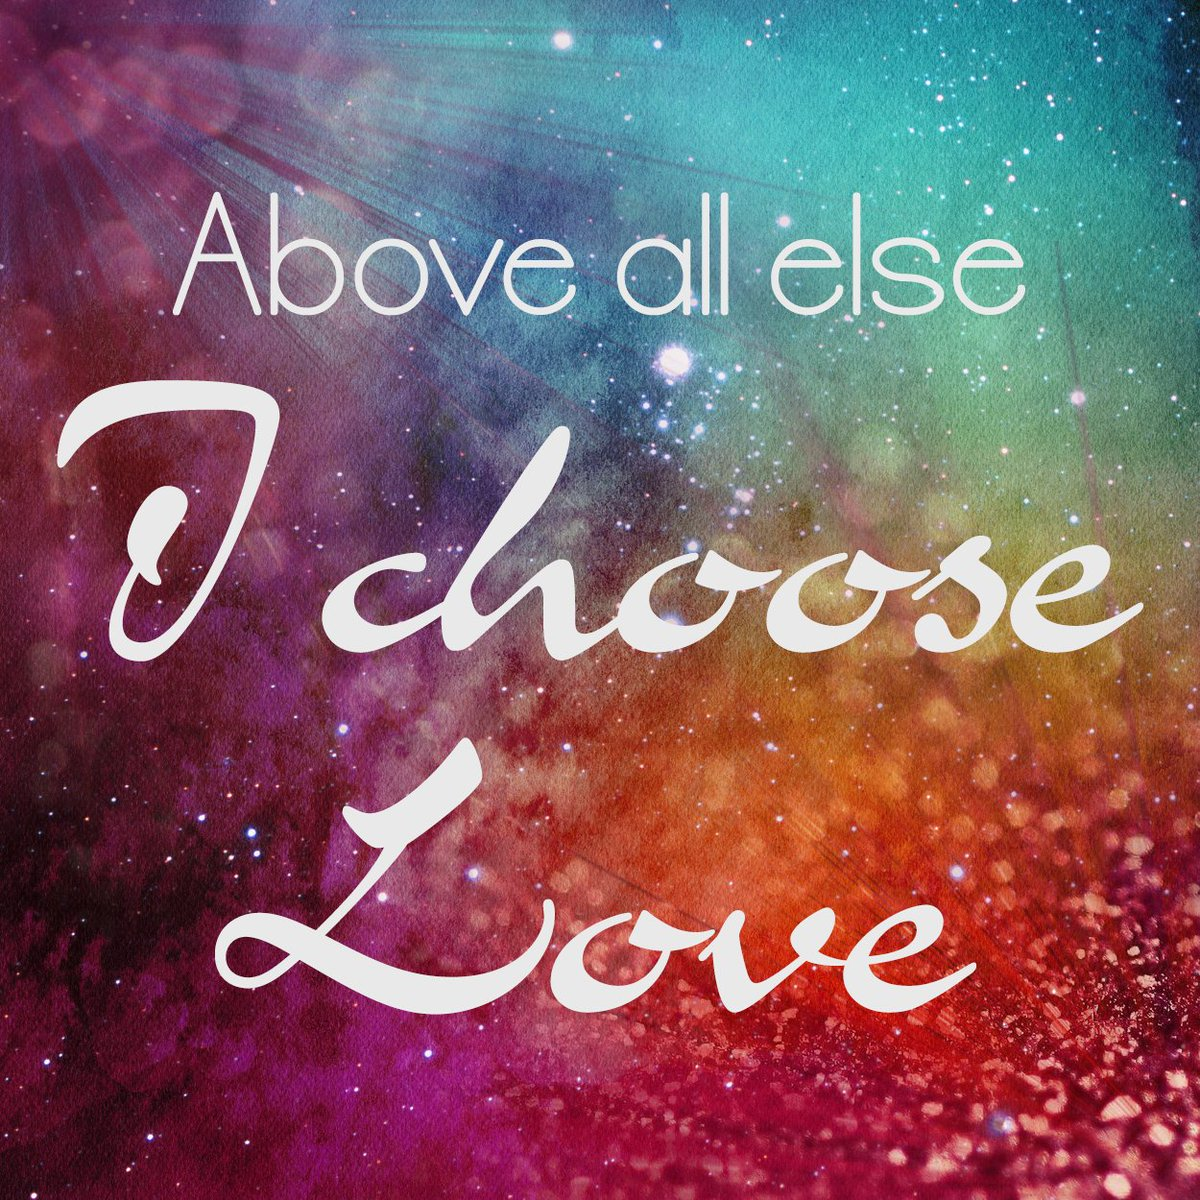 Above all else... I choose love. #lawofattraction #manifestation #chooselove<br>http://pic.twitter.com/5V6mibLPBr